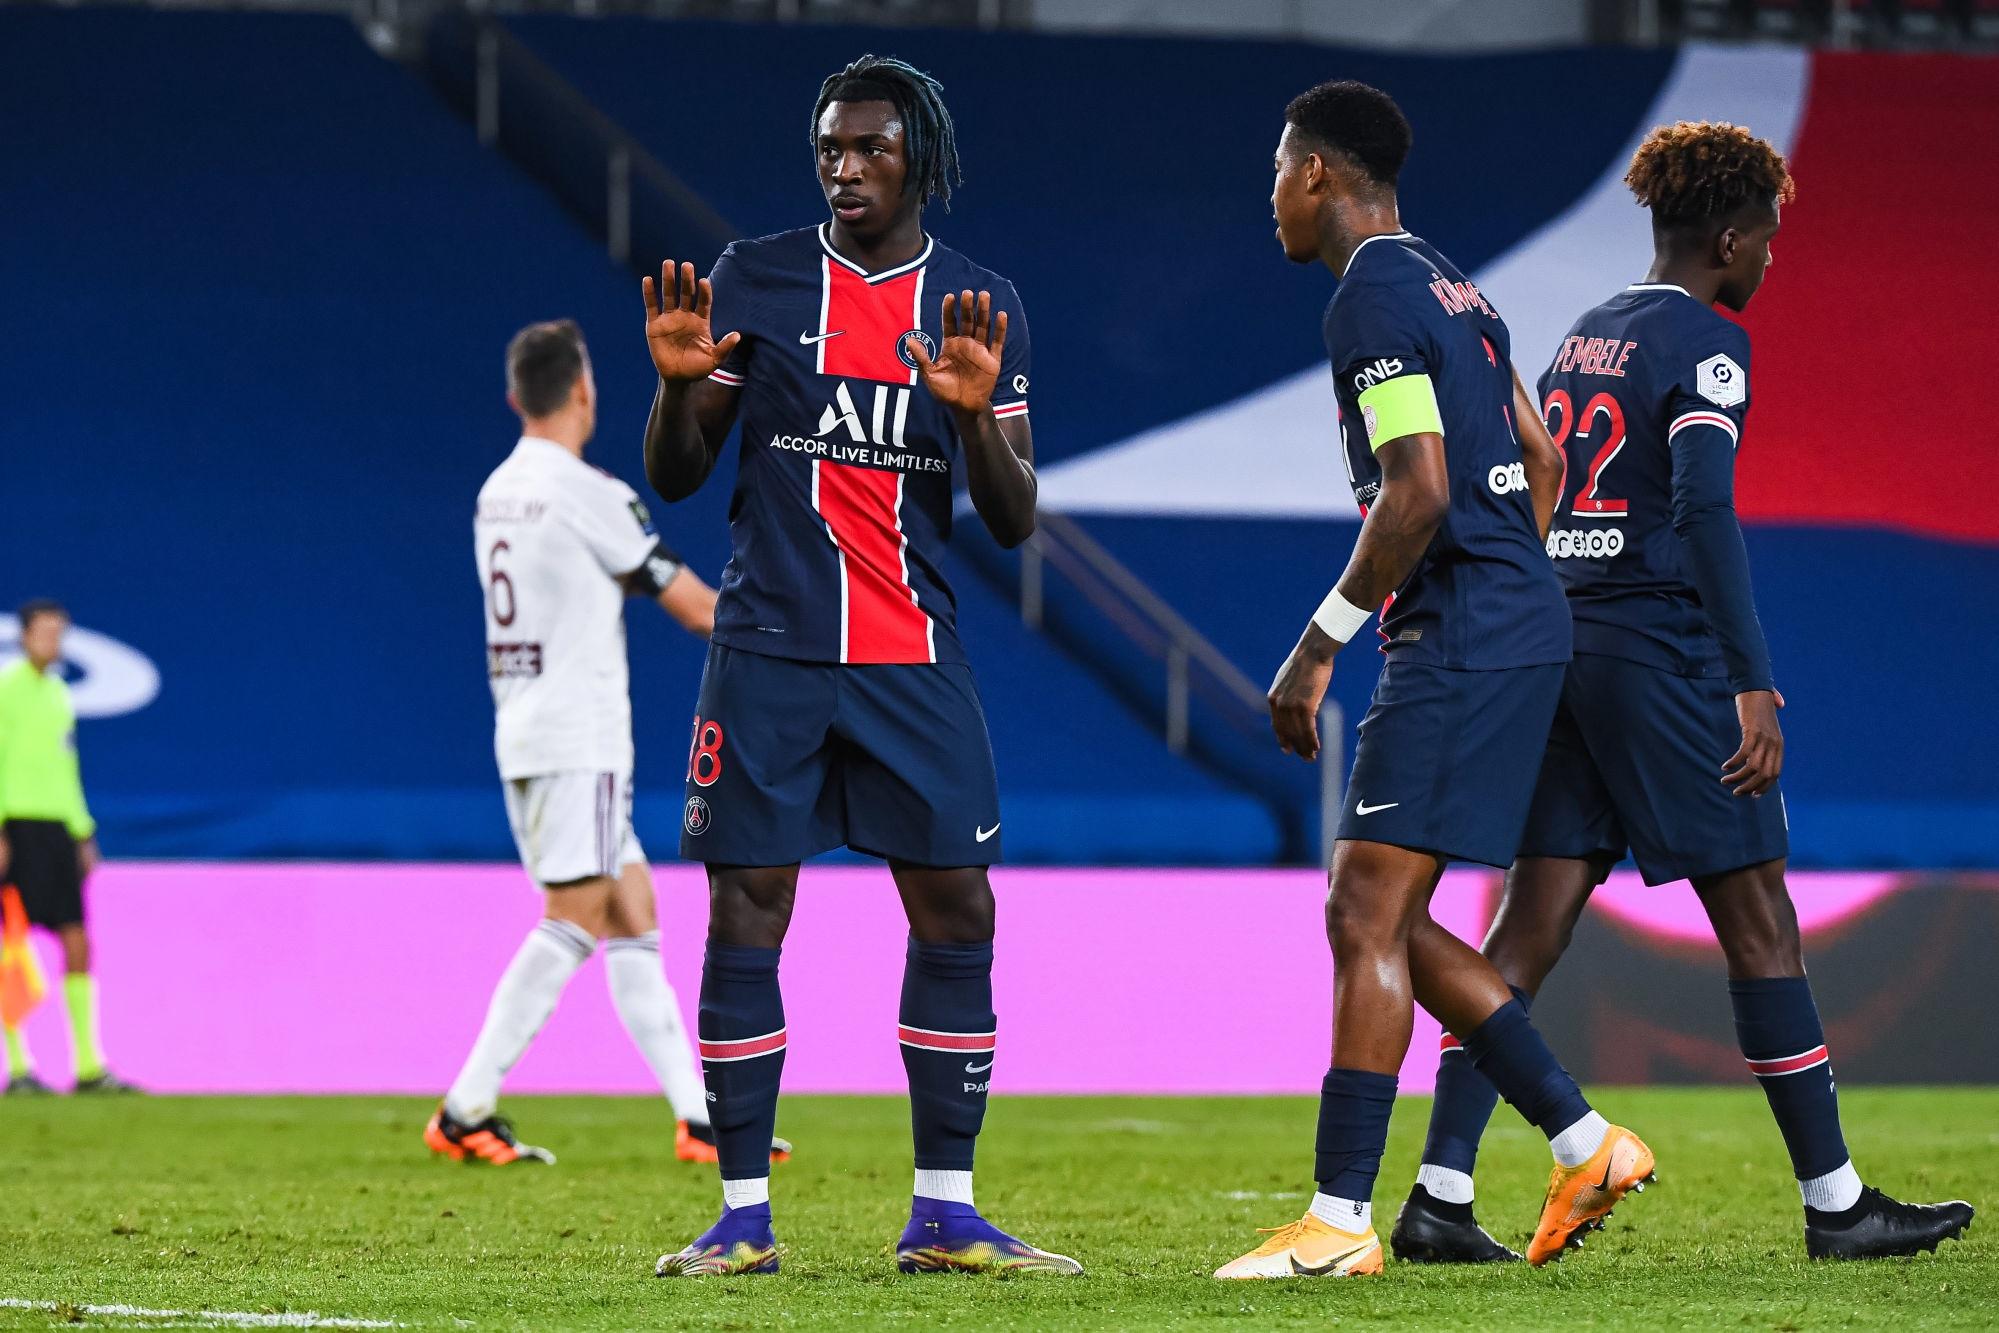 PSG/Bordeaux - Qui a été le meilleur joueur du côté parisien selon vous ?